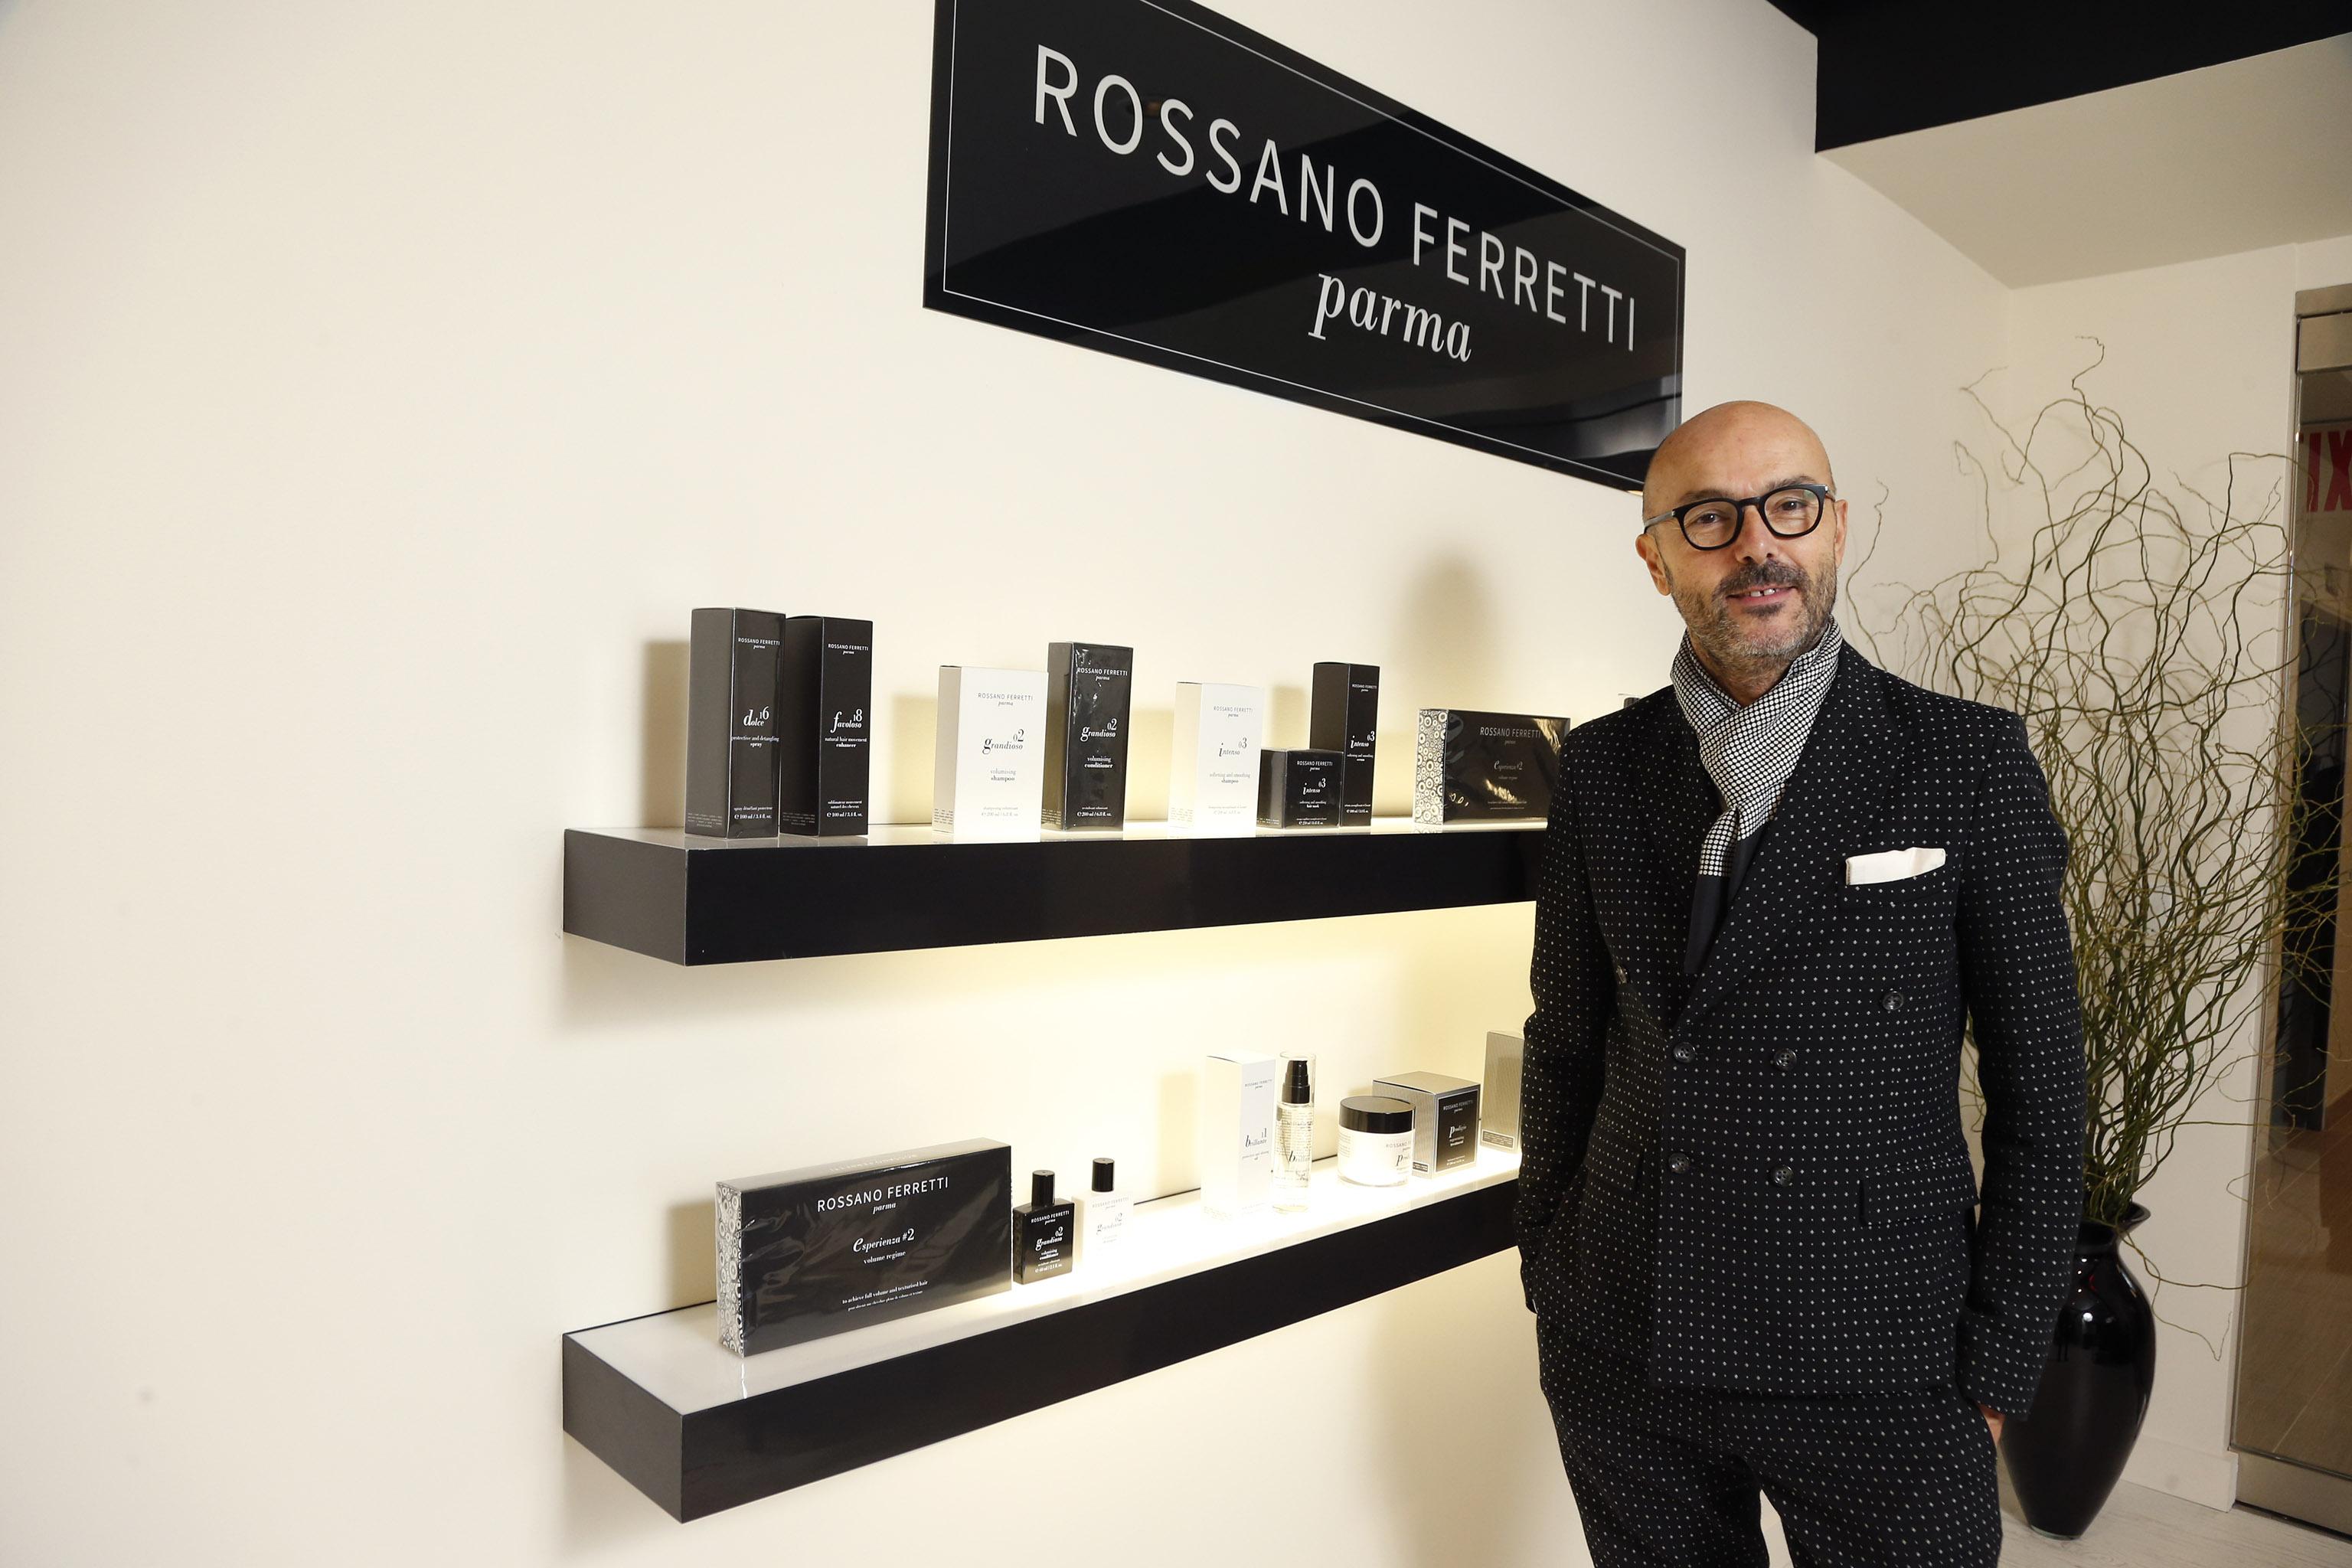 Rossano Ferretti - Độc đáo là số một